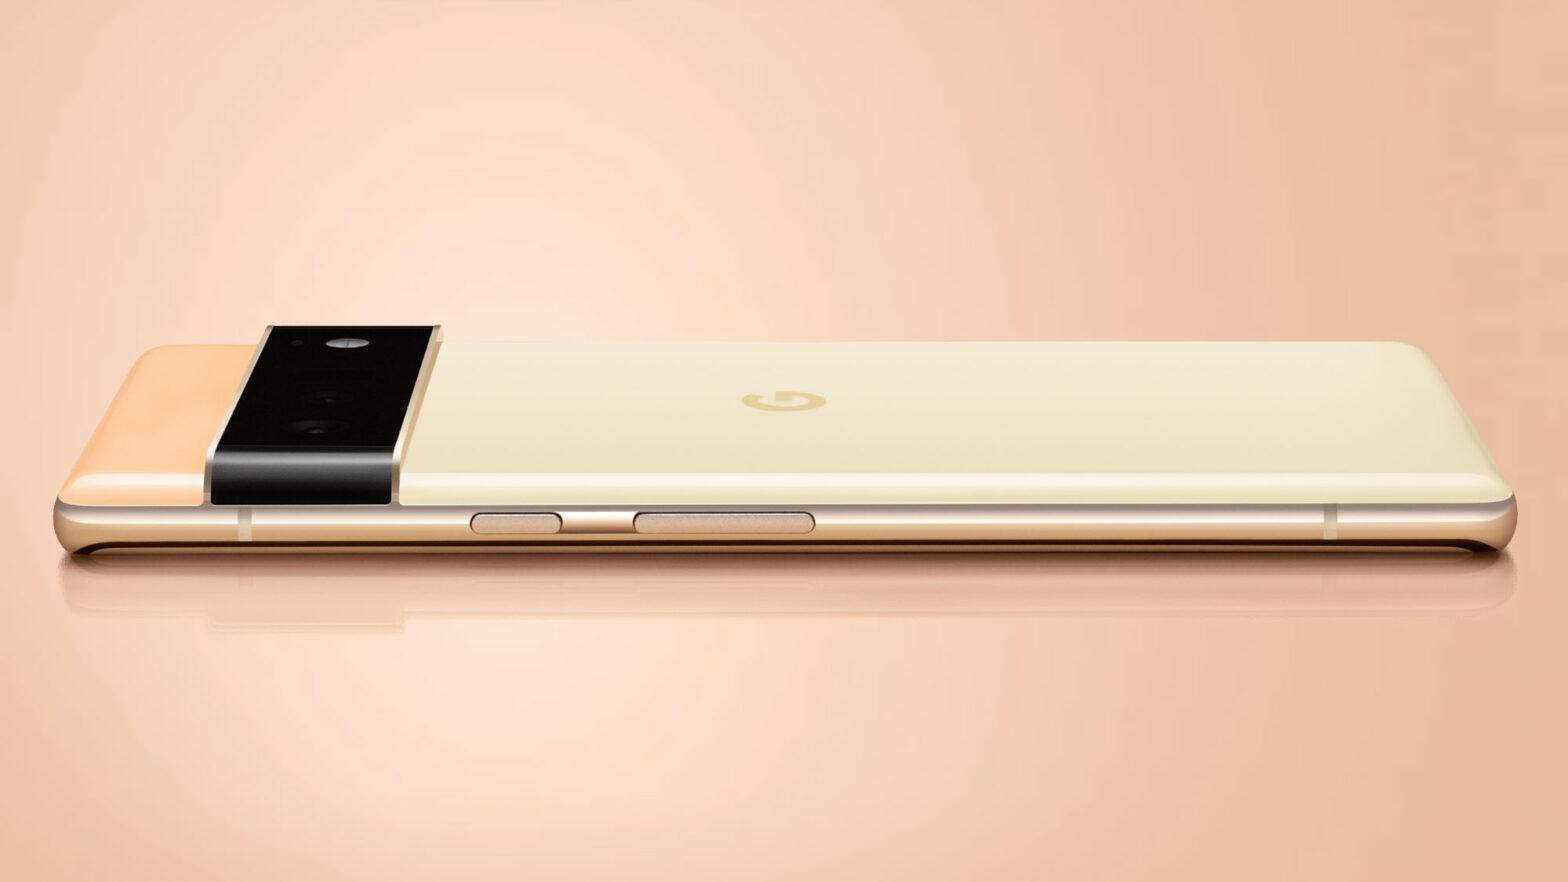 Google Pixel 6 Phone Previewed